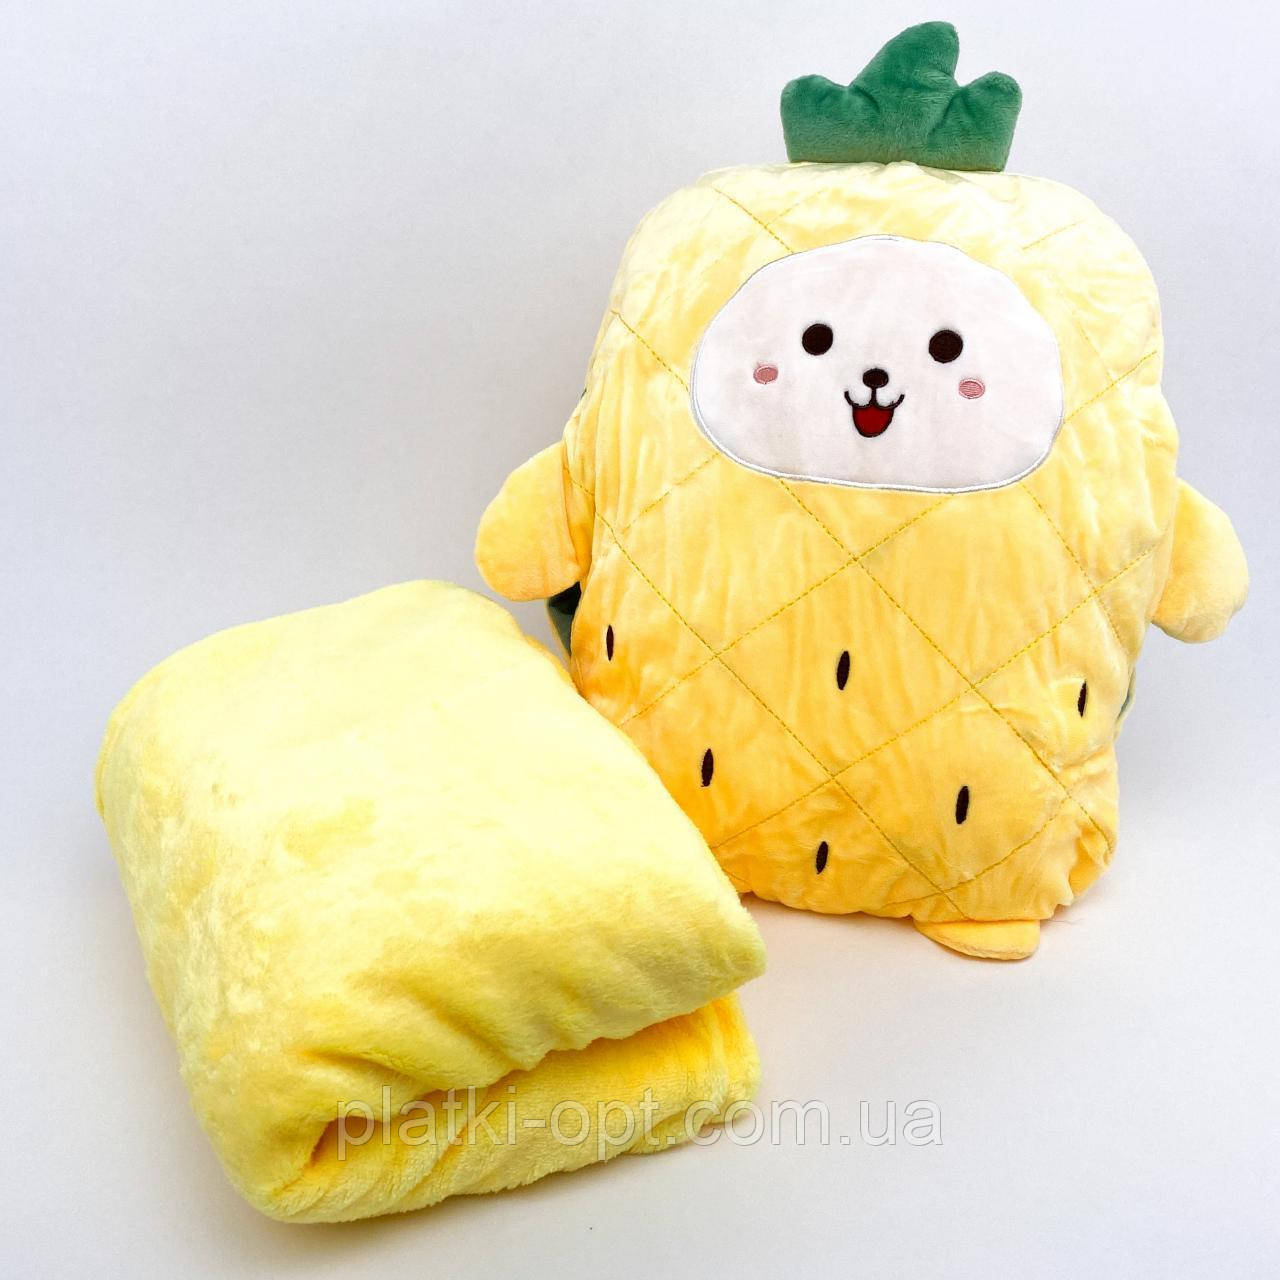 Дитячий плед-подушка Ананас